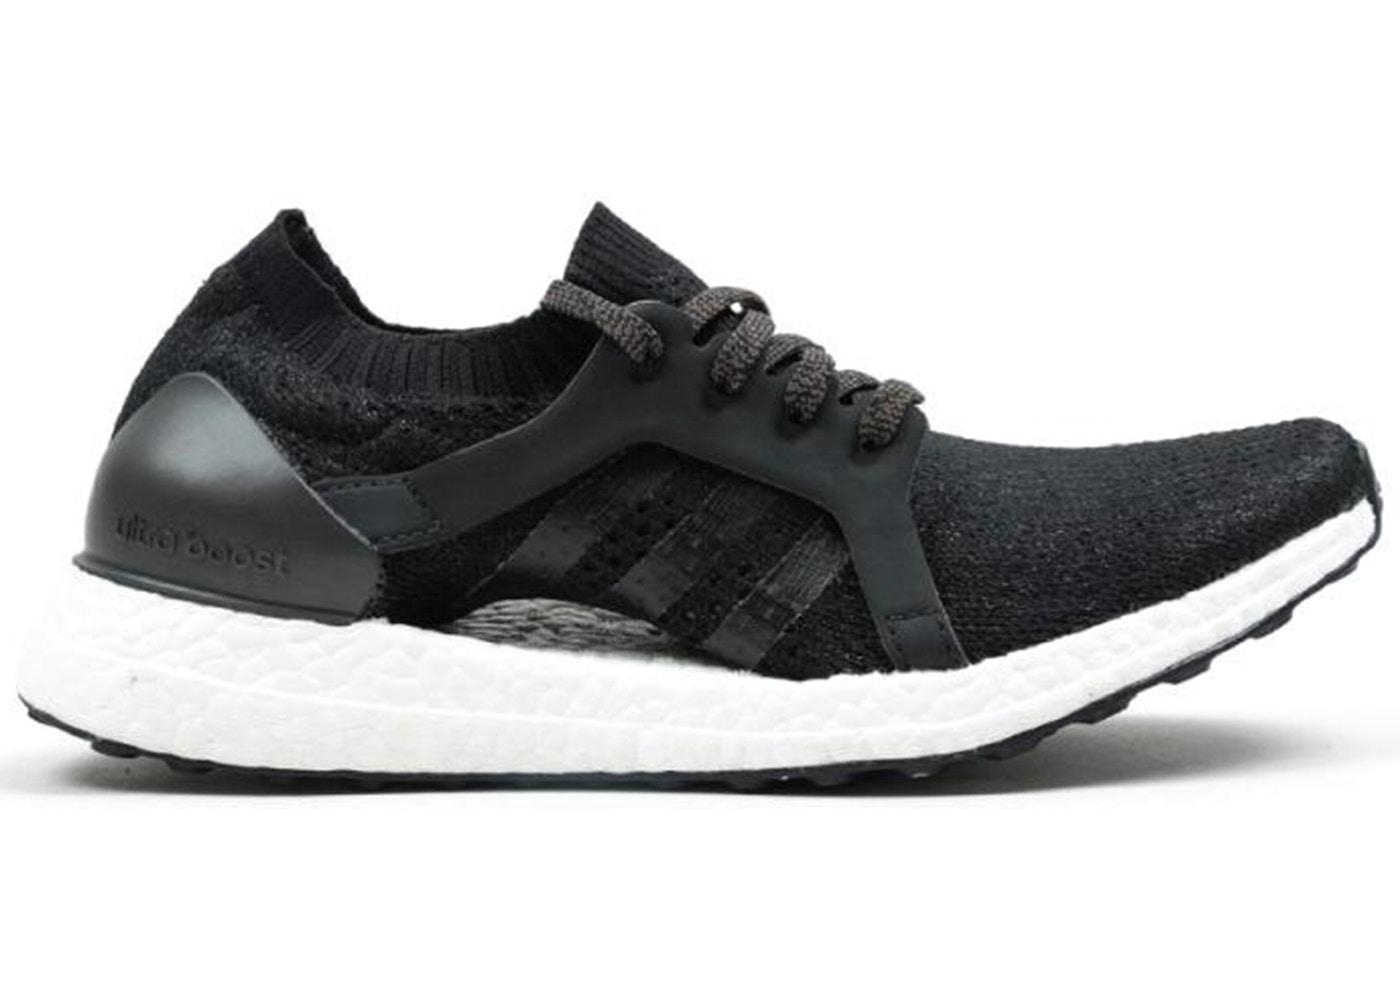 62df0ec3 adidas Ultra Boost X Black White (W) - CG2978